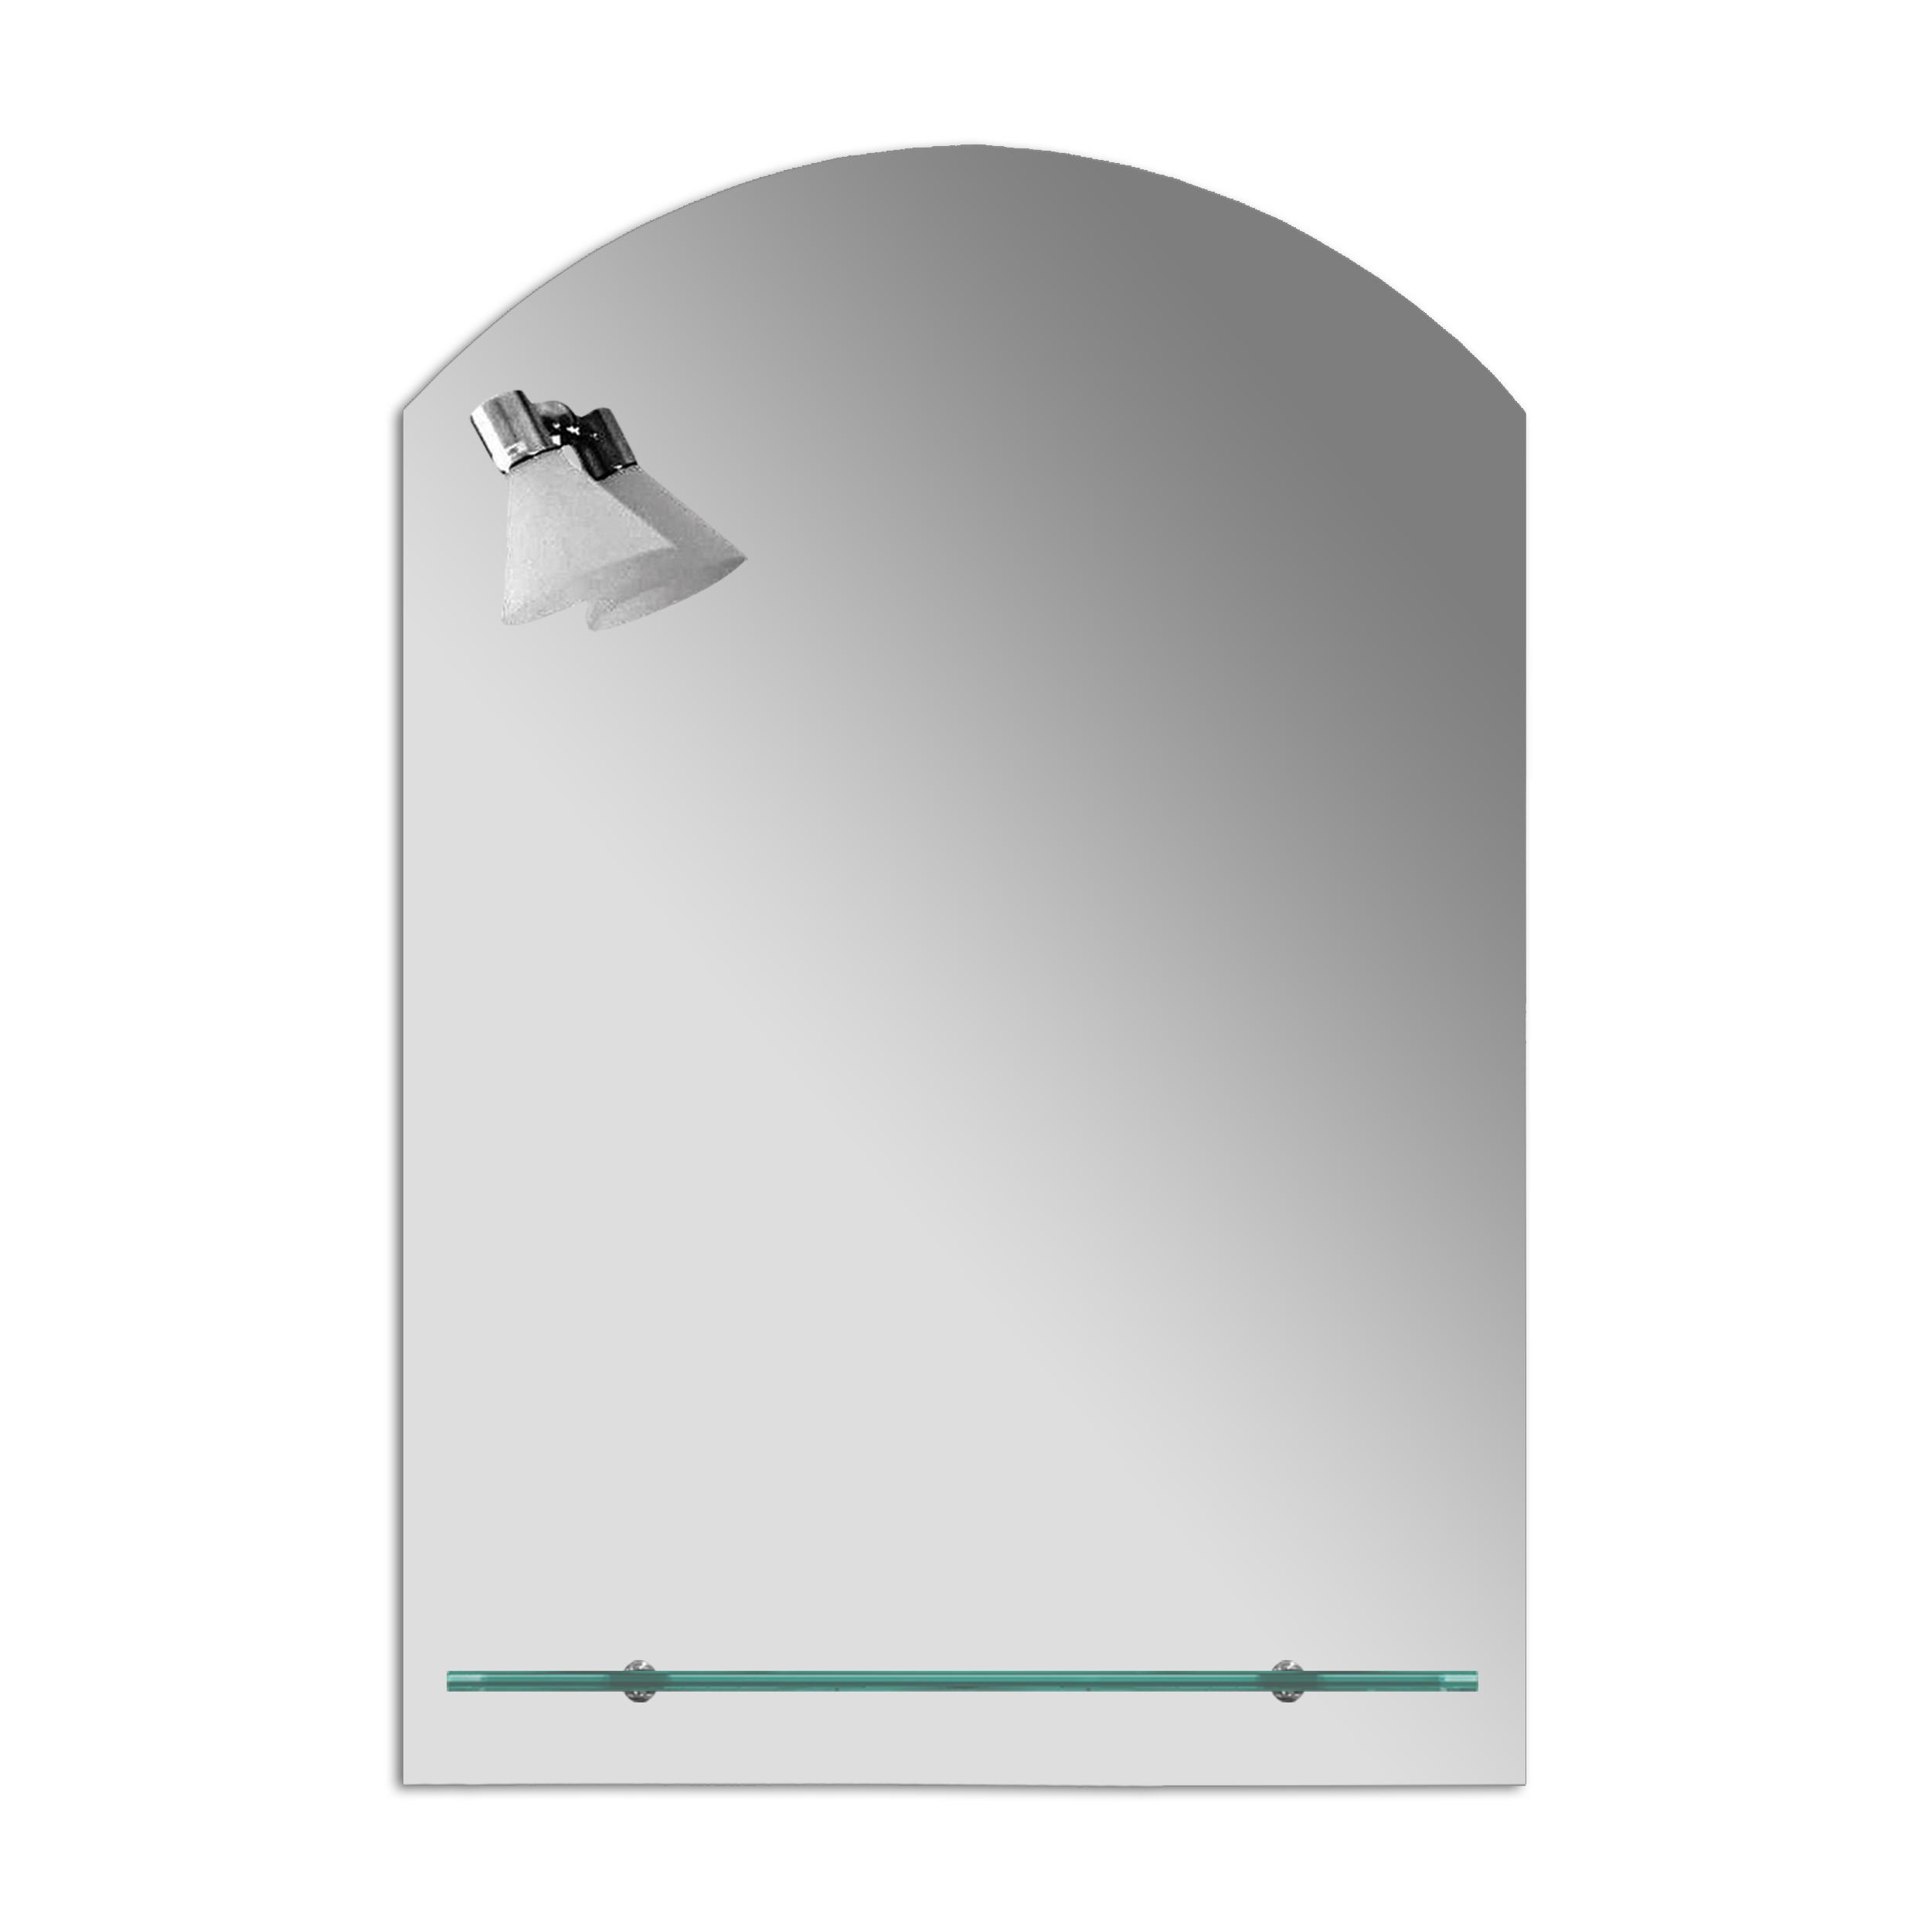 Badspiegel Spiegel mit Ablage und Beleuchtung Badezimmerspiegel Gäste WC  LED - 70 x 100 cm | Desto-Shop24